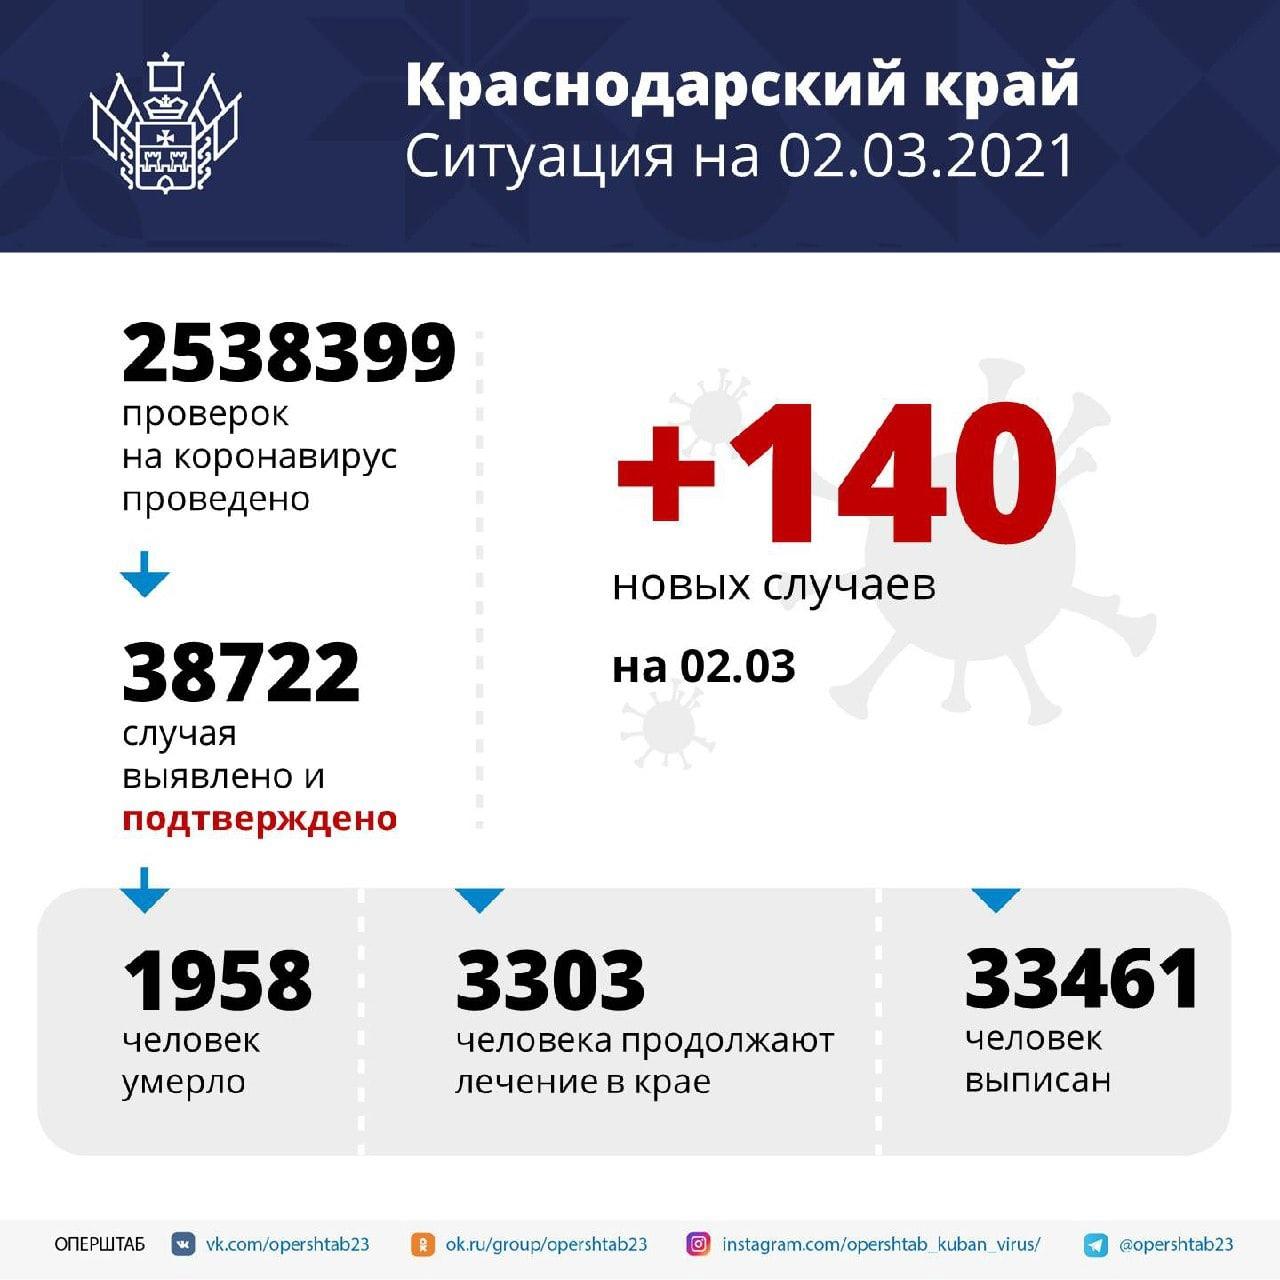 За сутки в Краснодарском крае подтверждено 140 случаев...